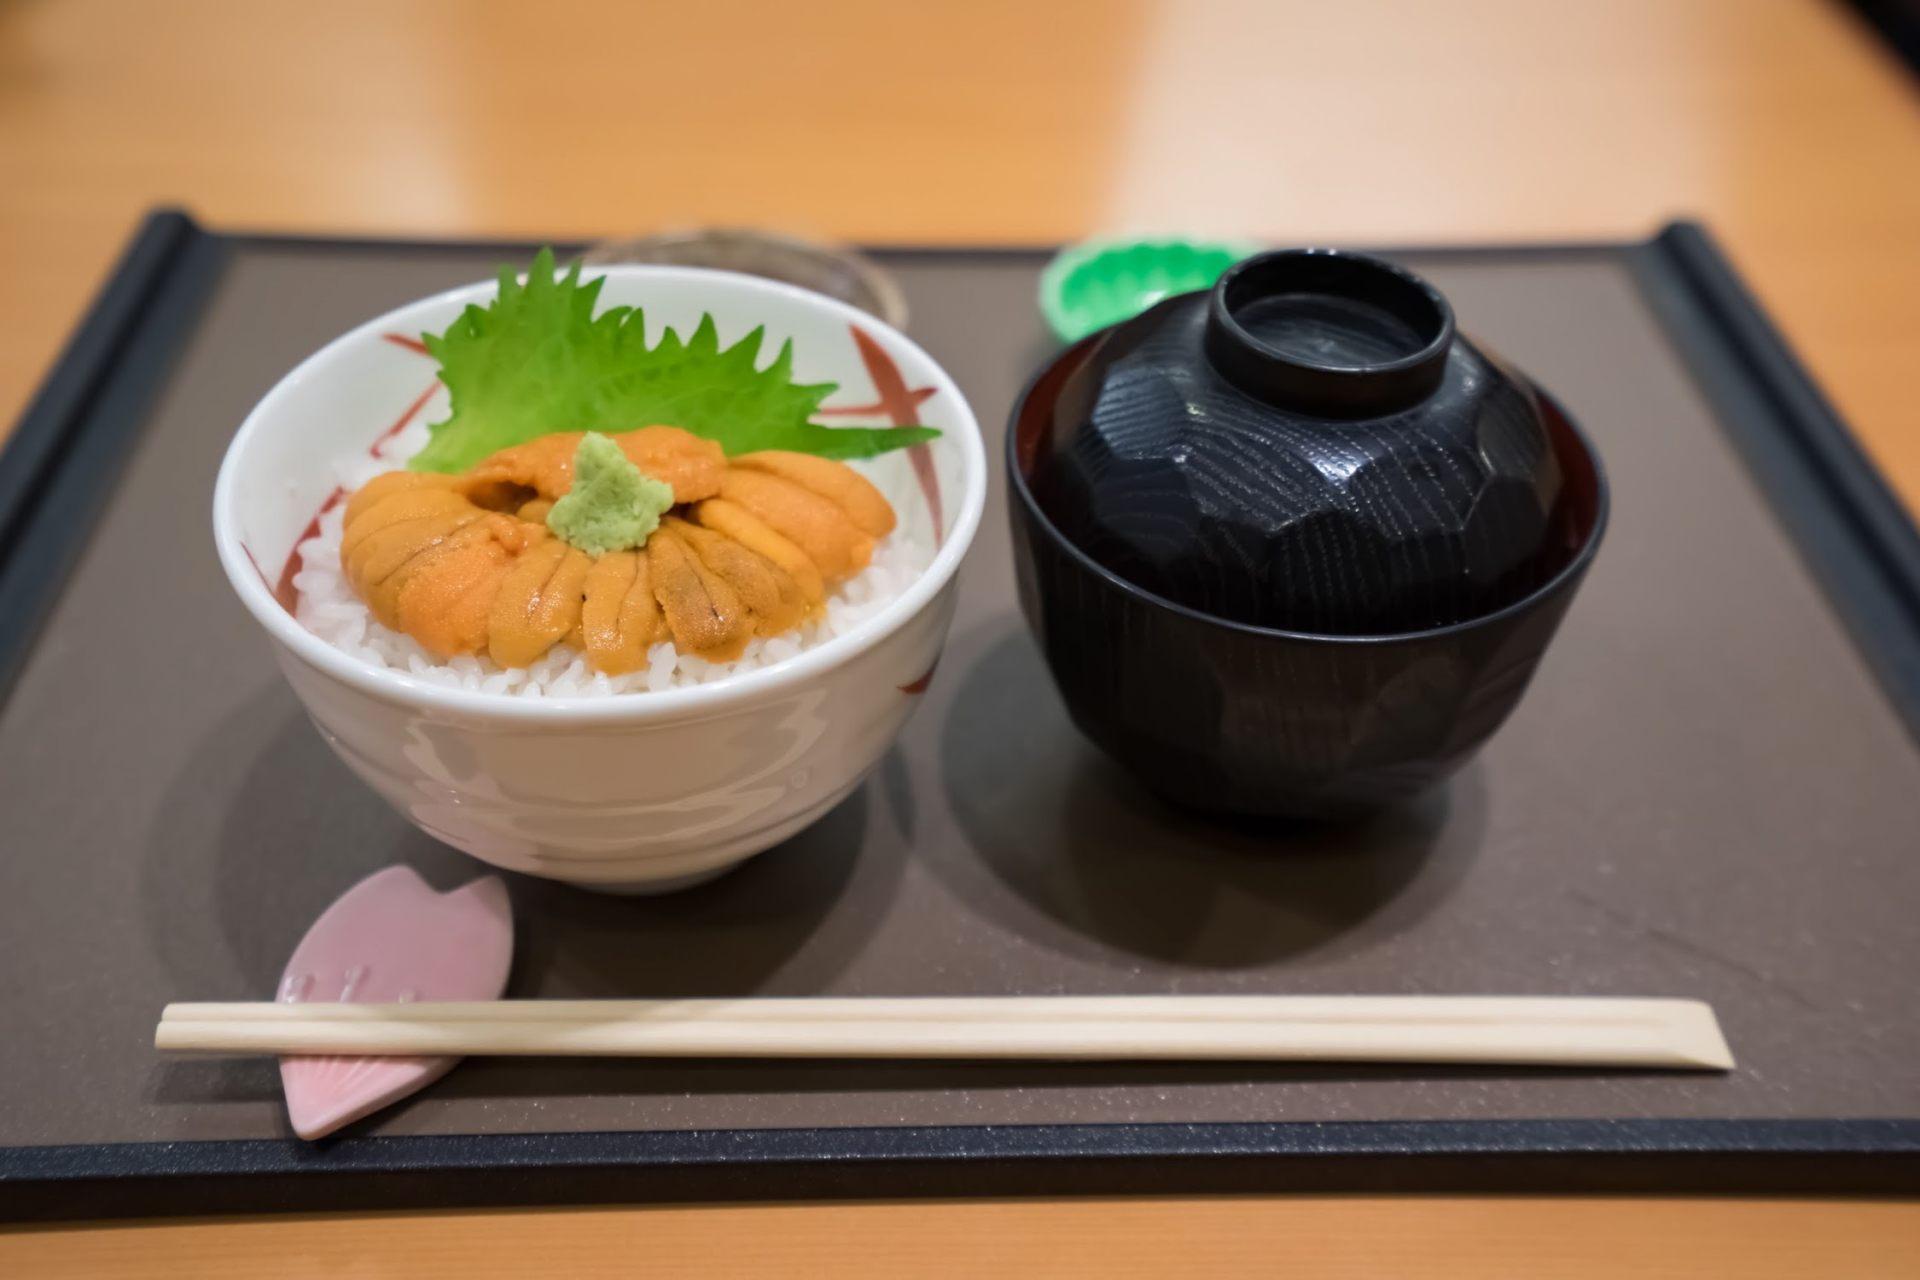 無添加物生海膽丼飯 S size